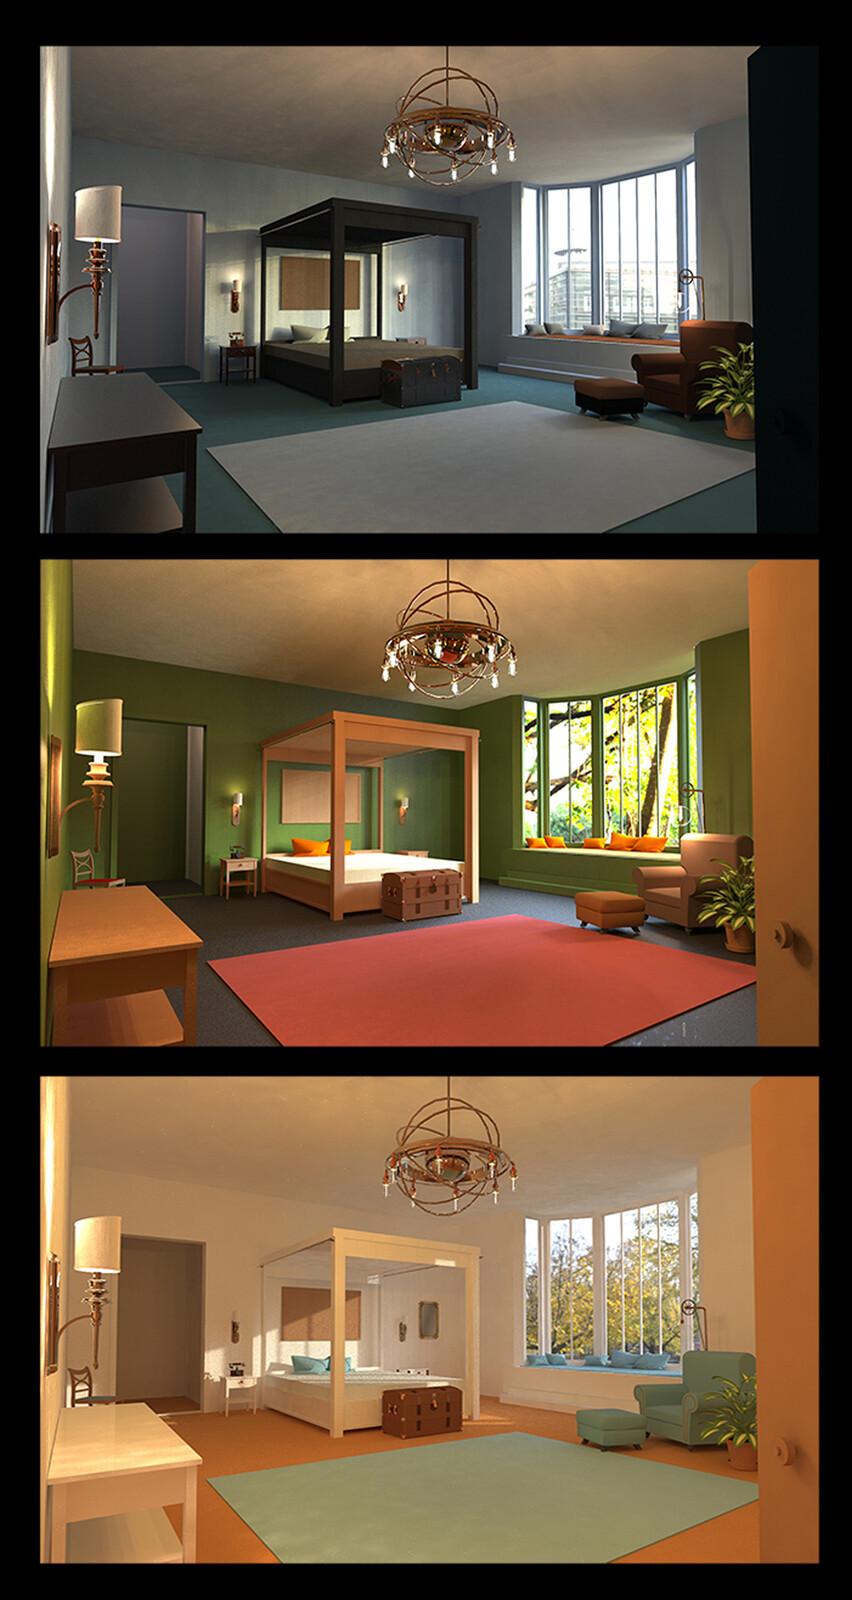 Keyshot renders